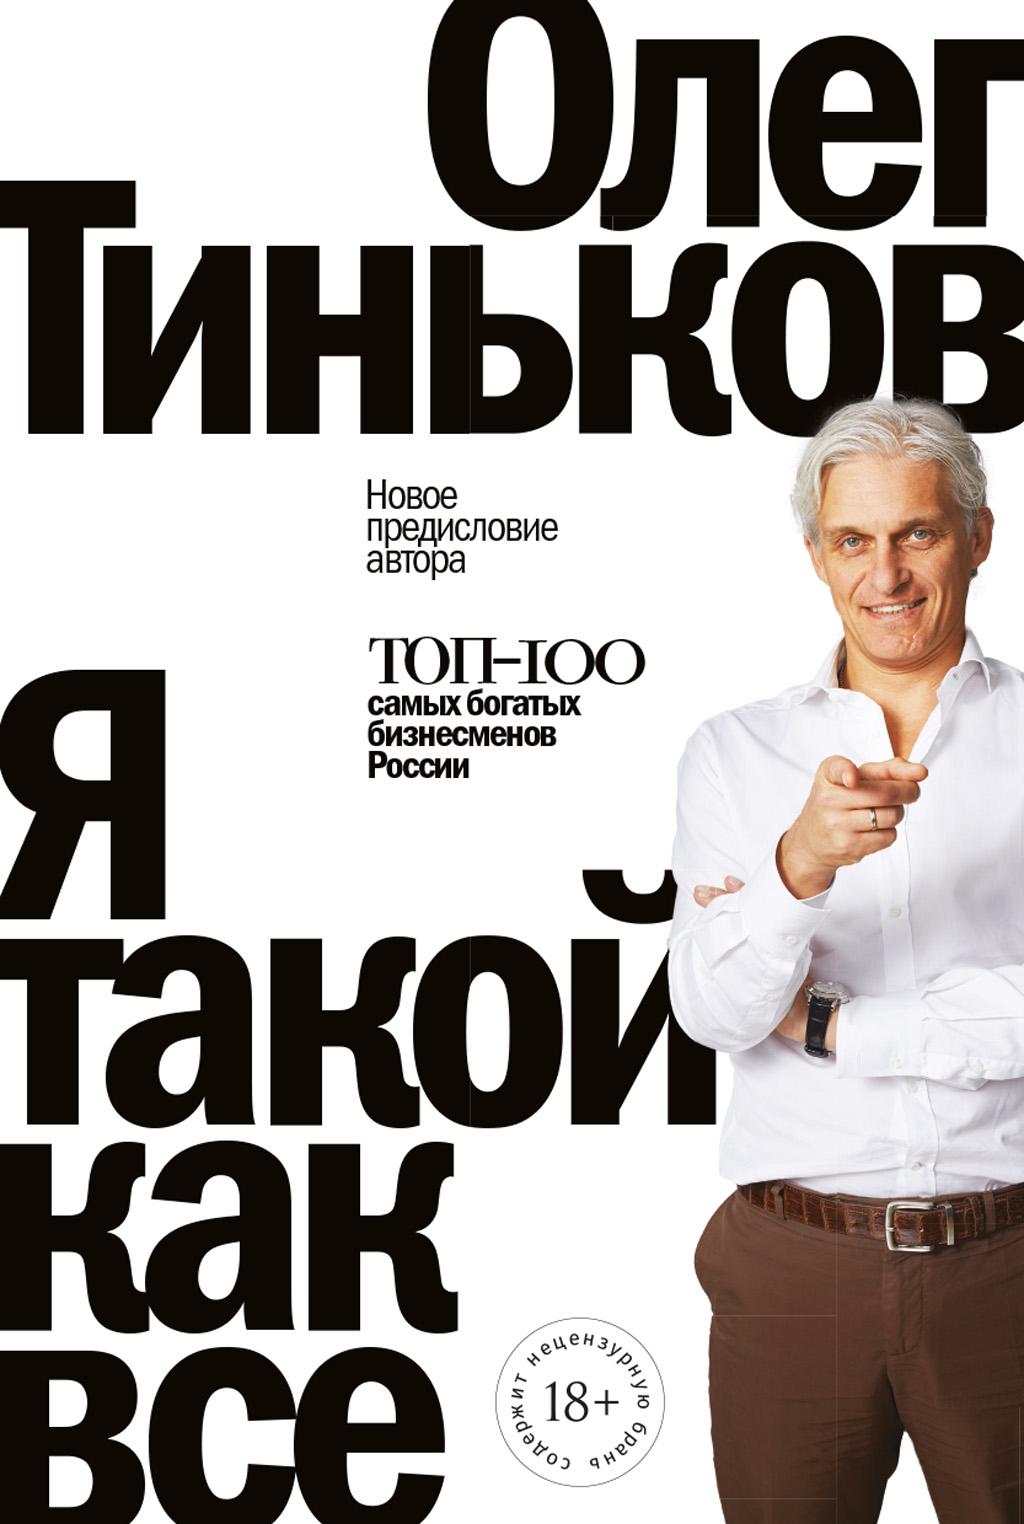 тиньков о как стать бизнесменом Олег Тиньков Я такой как все